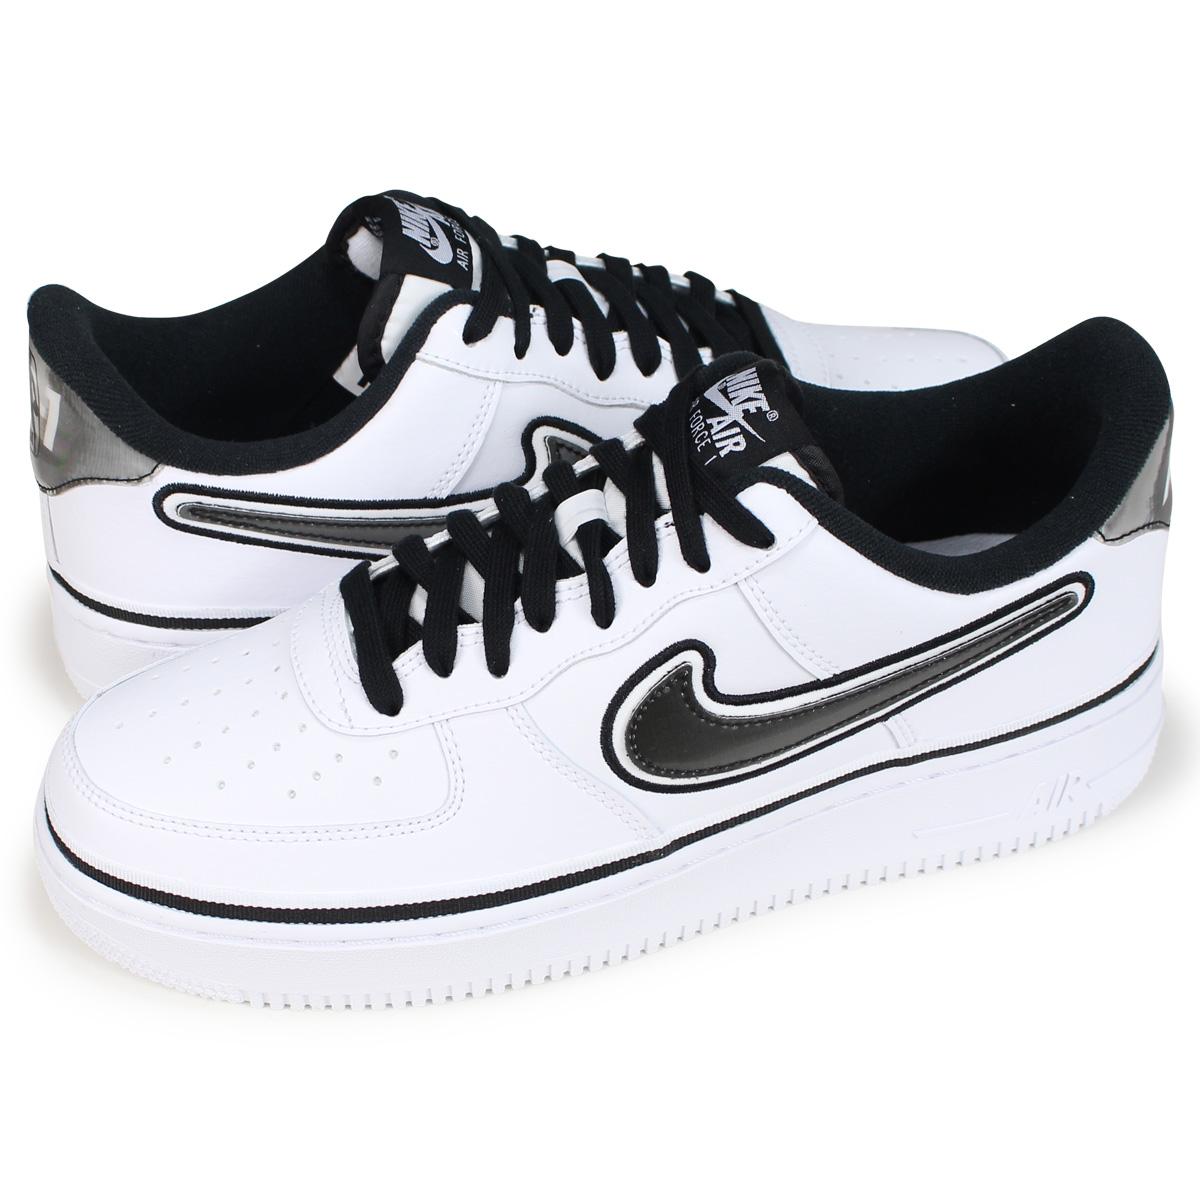 NIKE Nike air force 1 sneakers men AIR